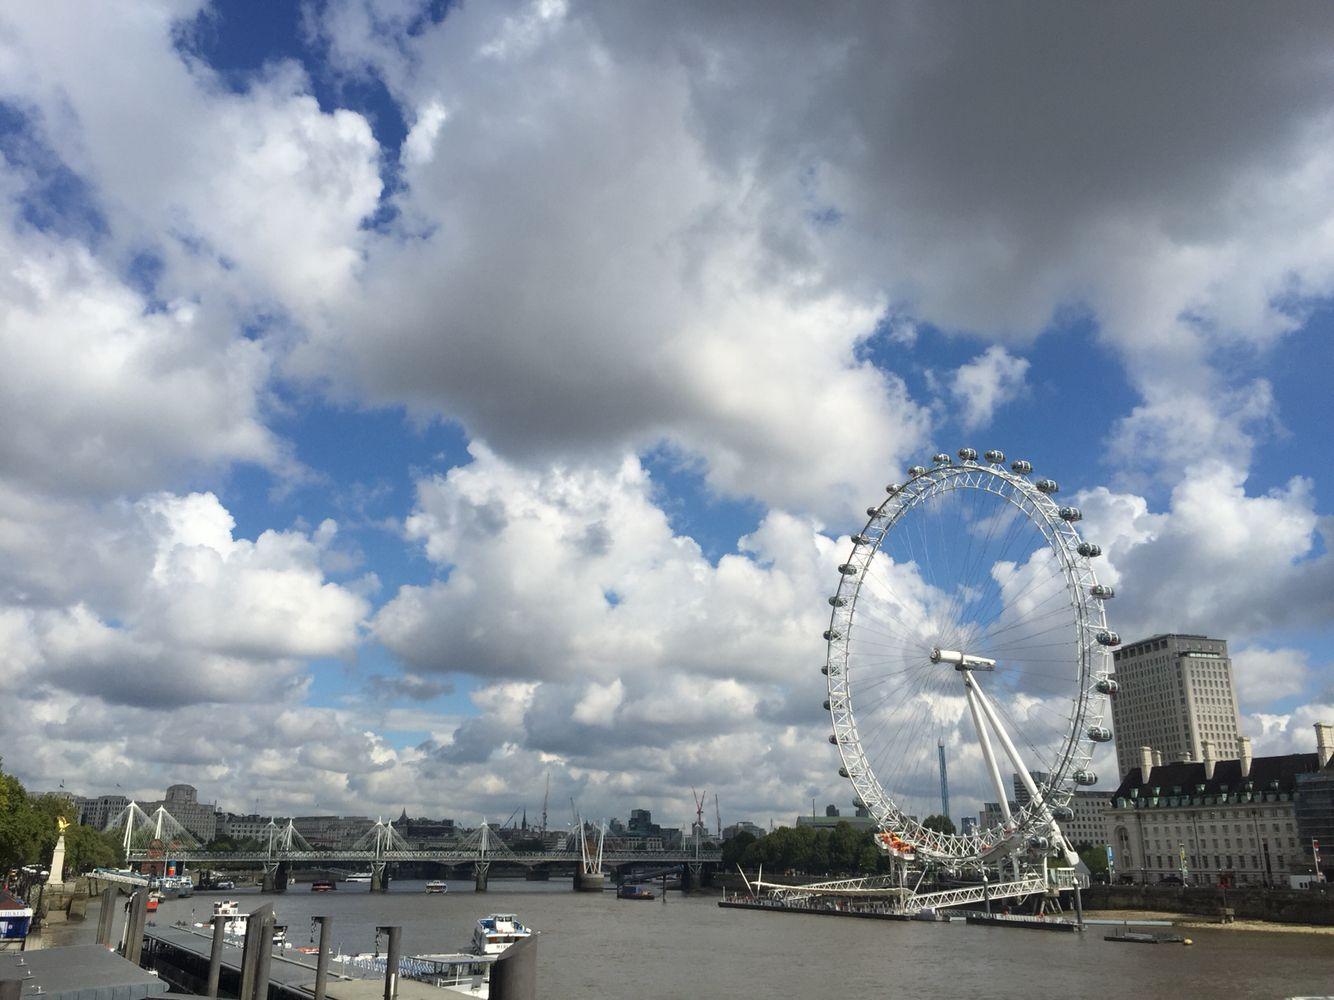 런던아이 와이프가 노래를 부르던 ...ㅋ